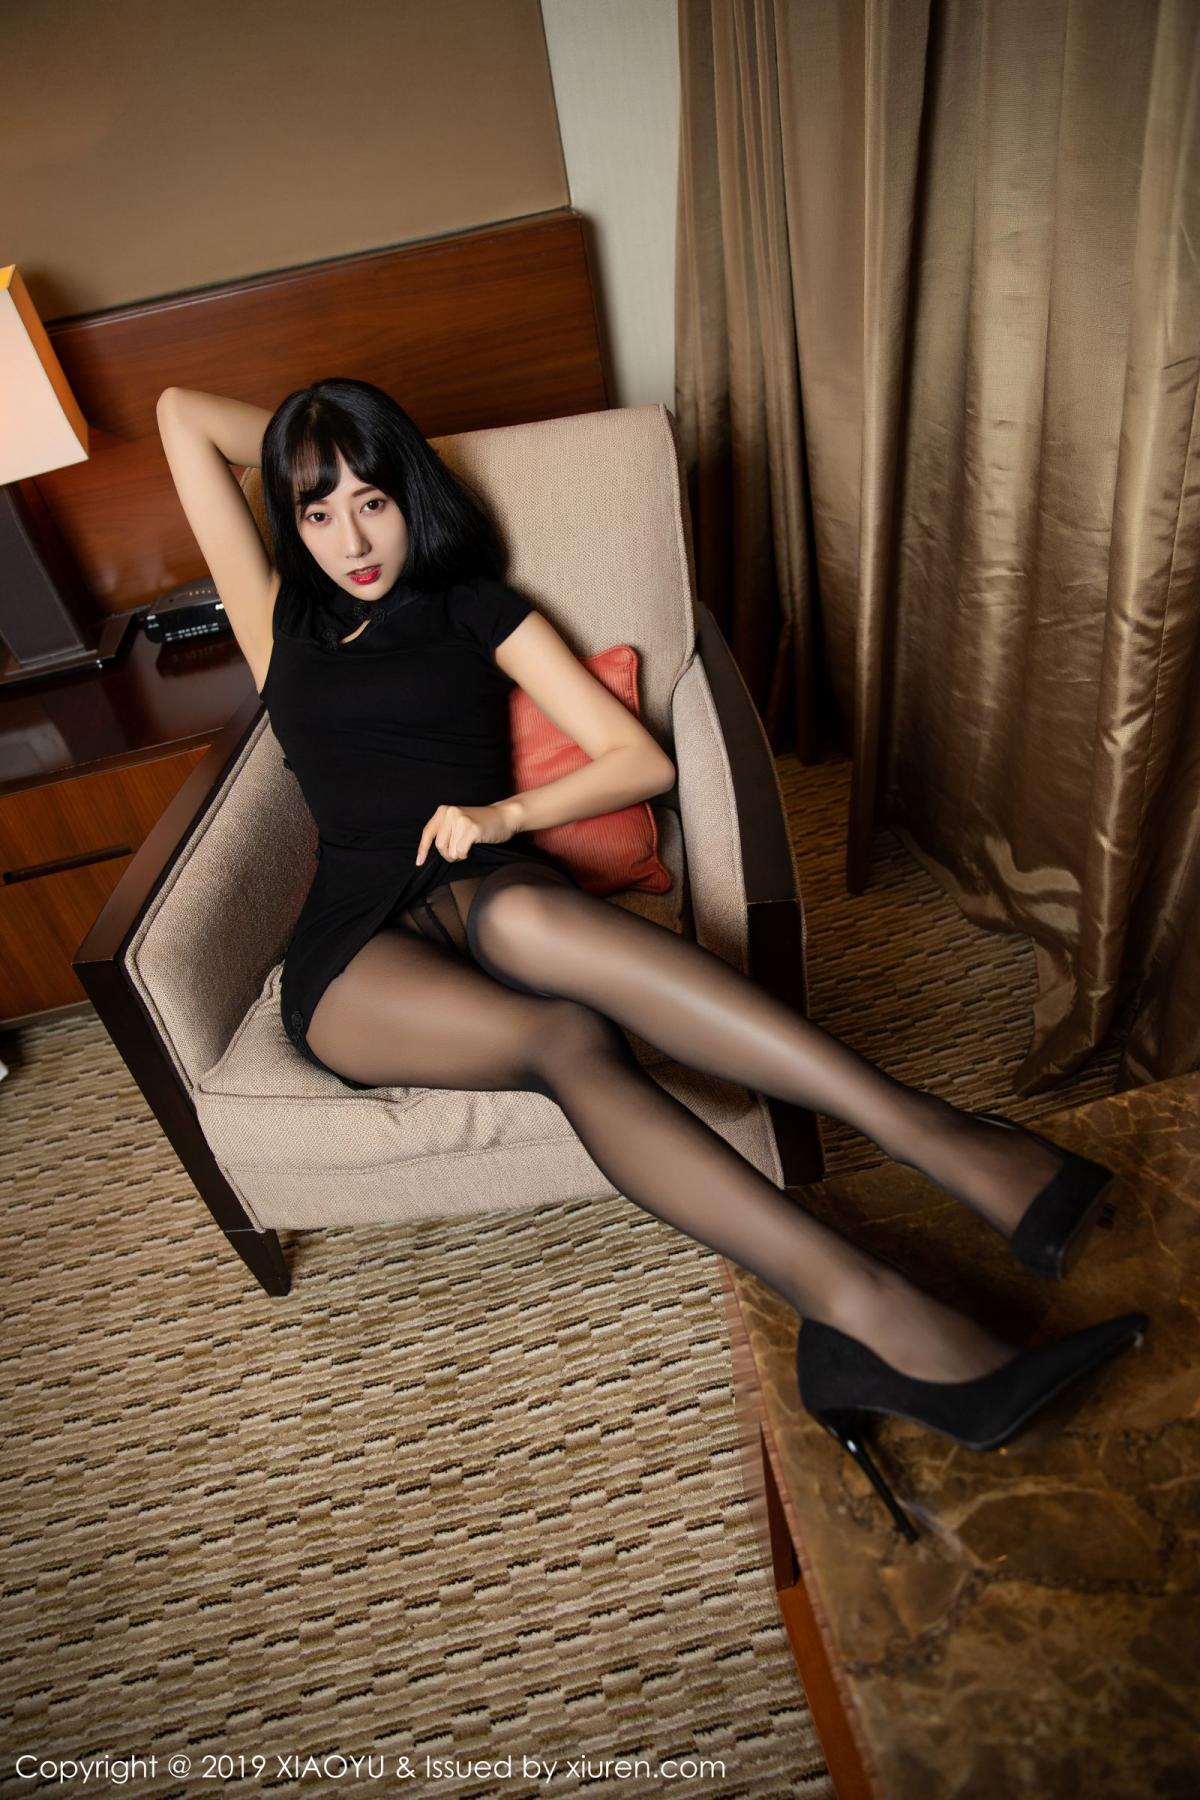 [XiaoYu] Vol.145 He Jia Ying 7P, Black Silk, He Jia Ying, Underwear, XiaoYu